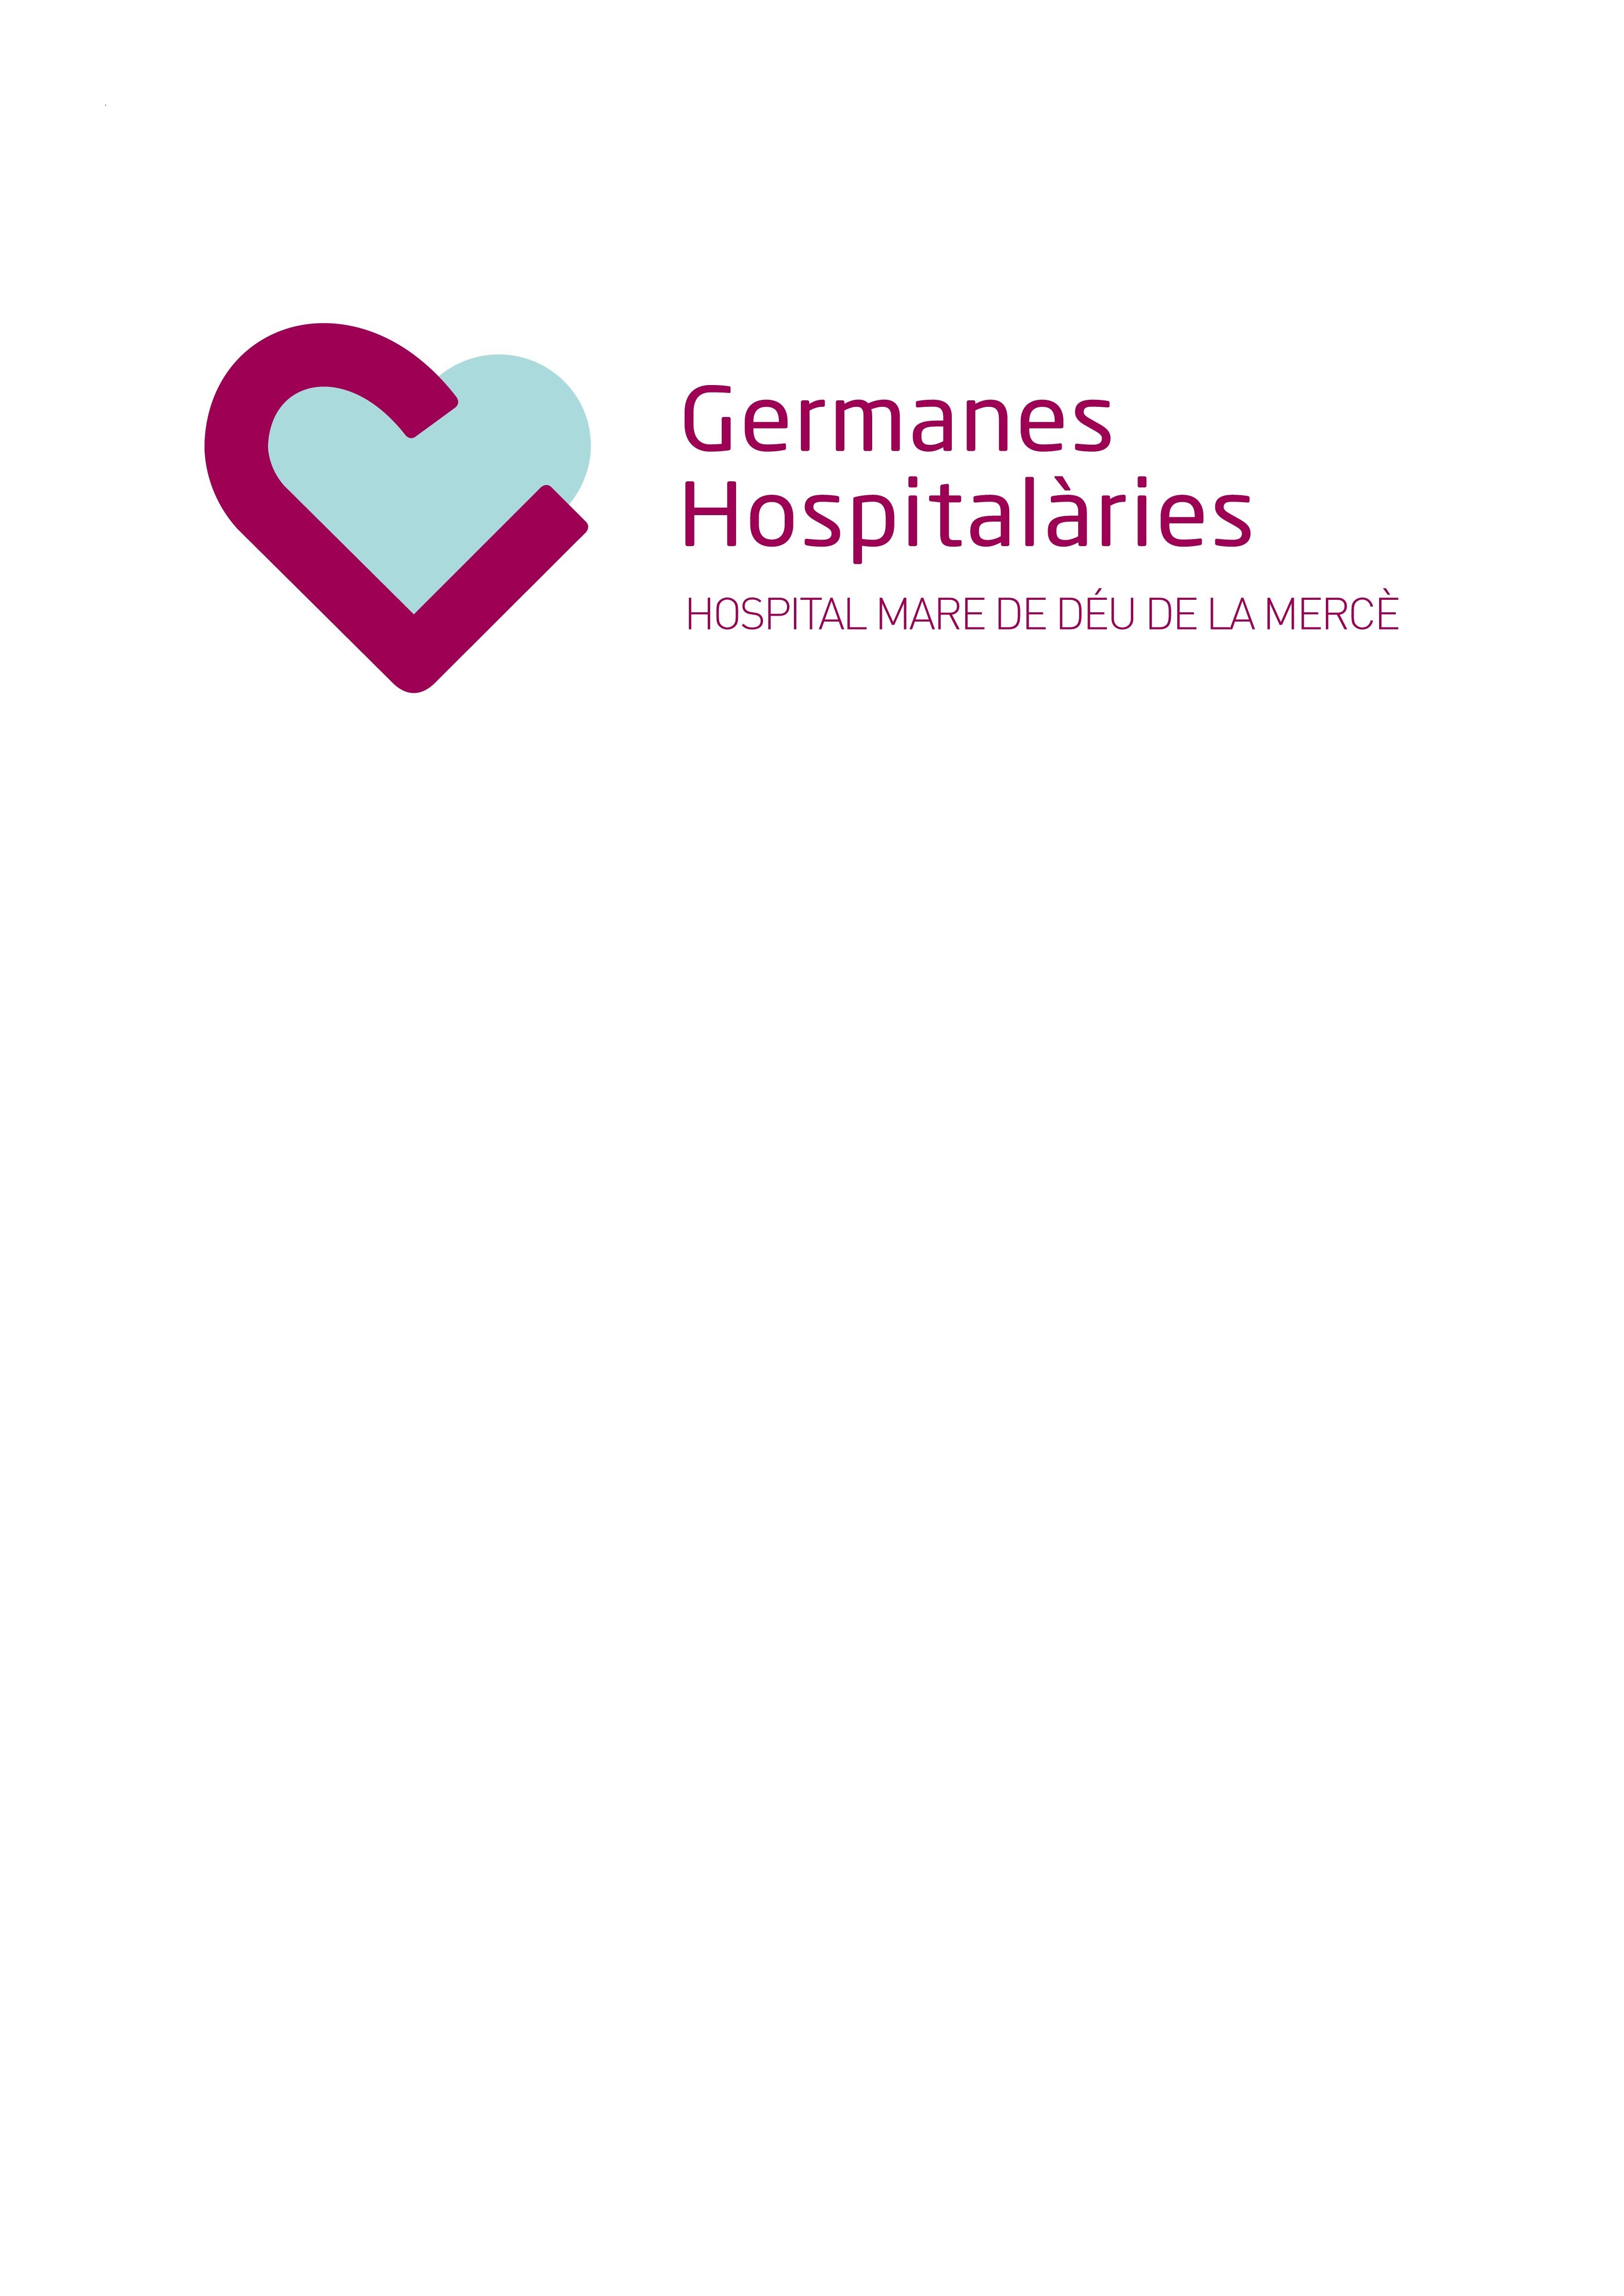 Hospital Mare de Déu de la Mercè. Germanes Hospitalàries